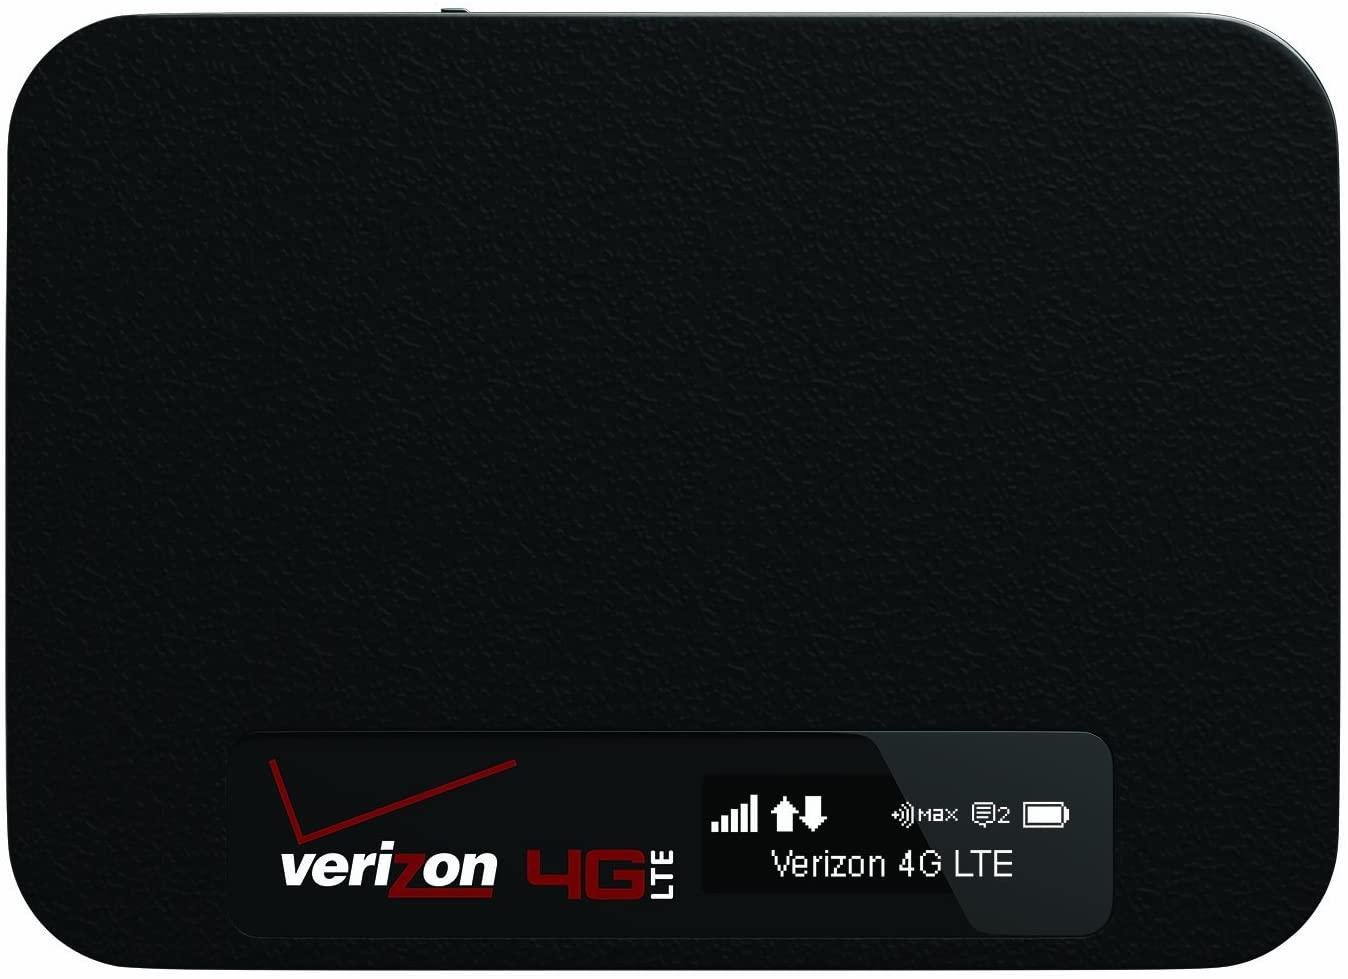 버라이존 엘리트 제트 팩 4G LTE (버라이존에 잠겨)